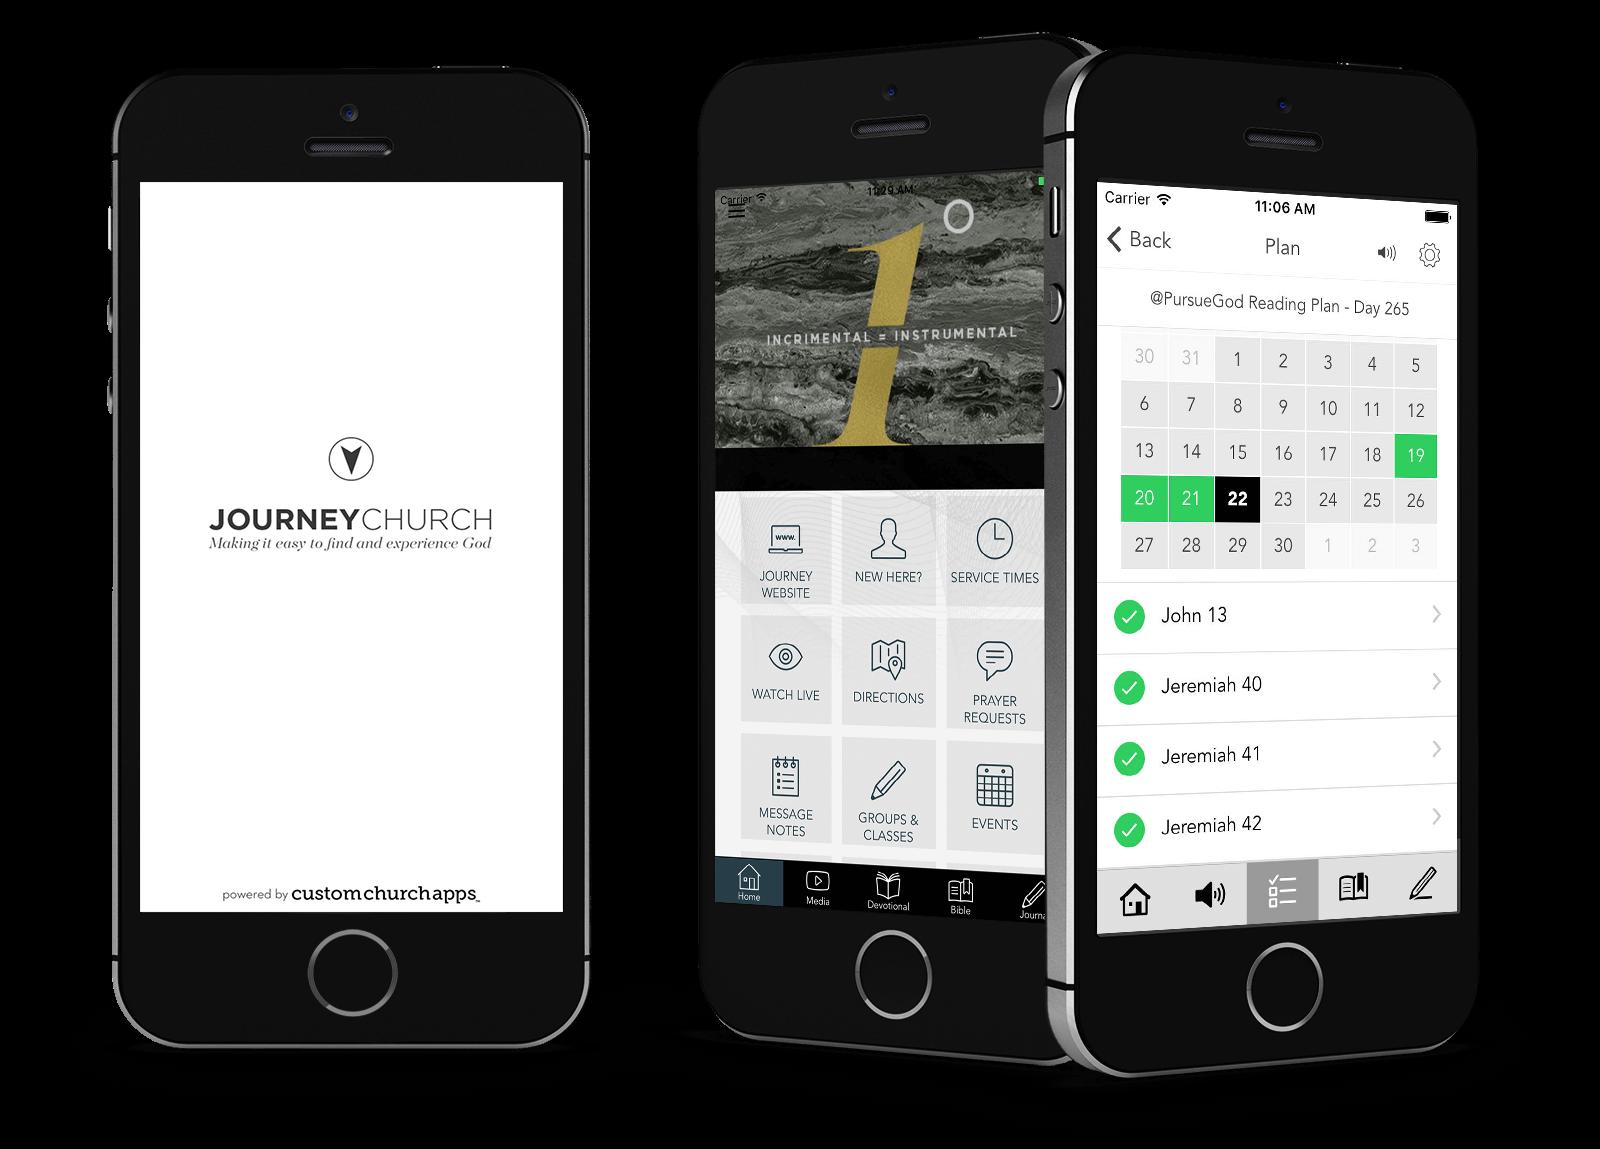 Our Journey Church - Custom Church Apps